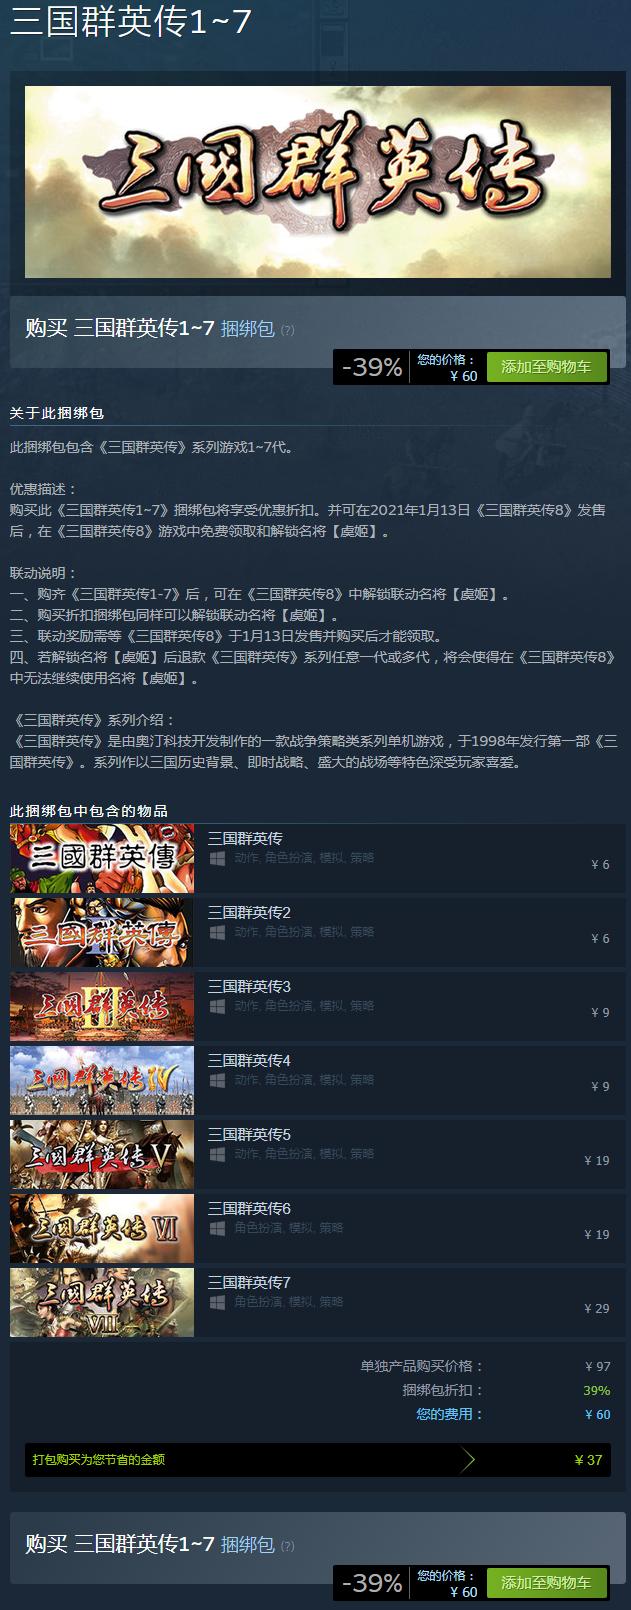 《三国群英传1-7》上架Steam商城 7作打包价60元